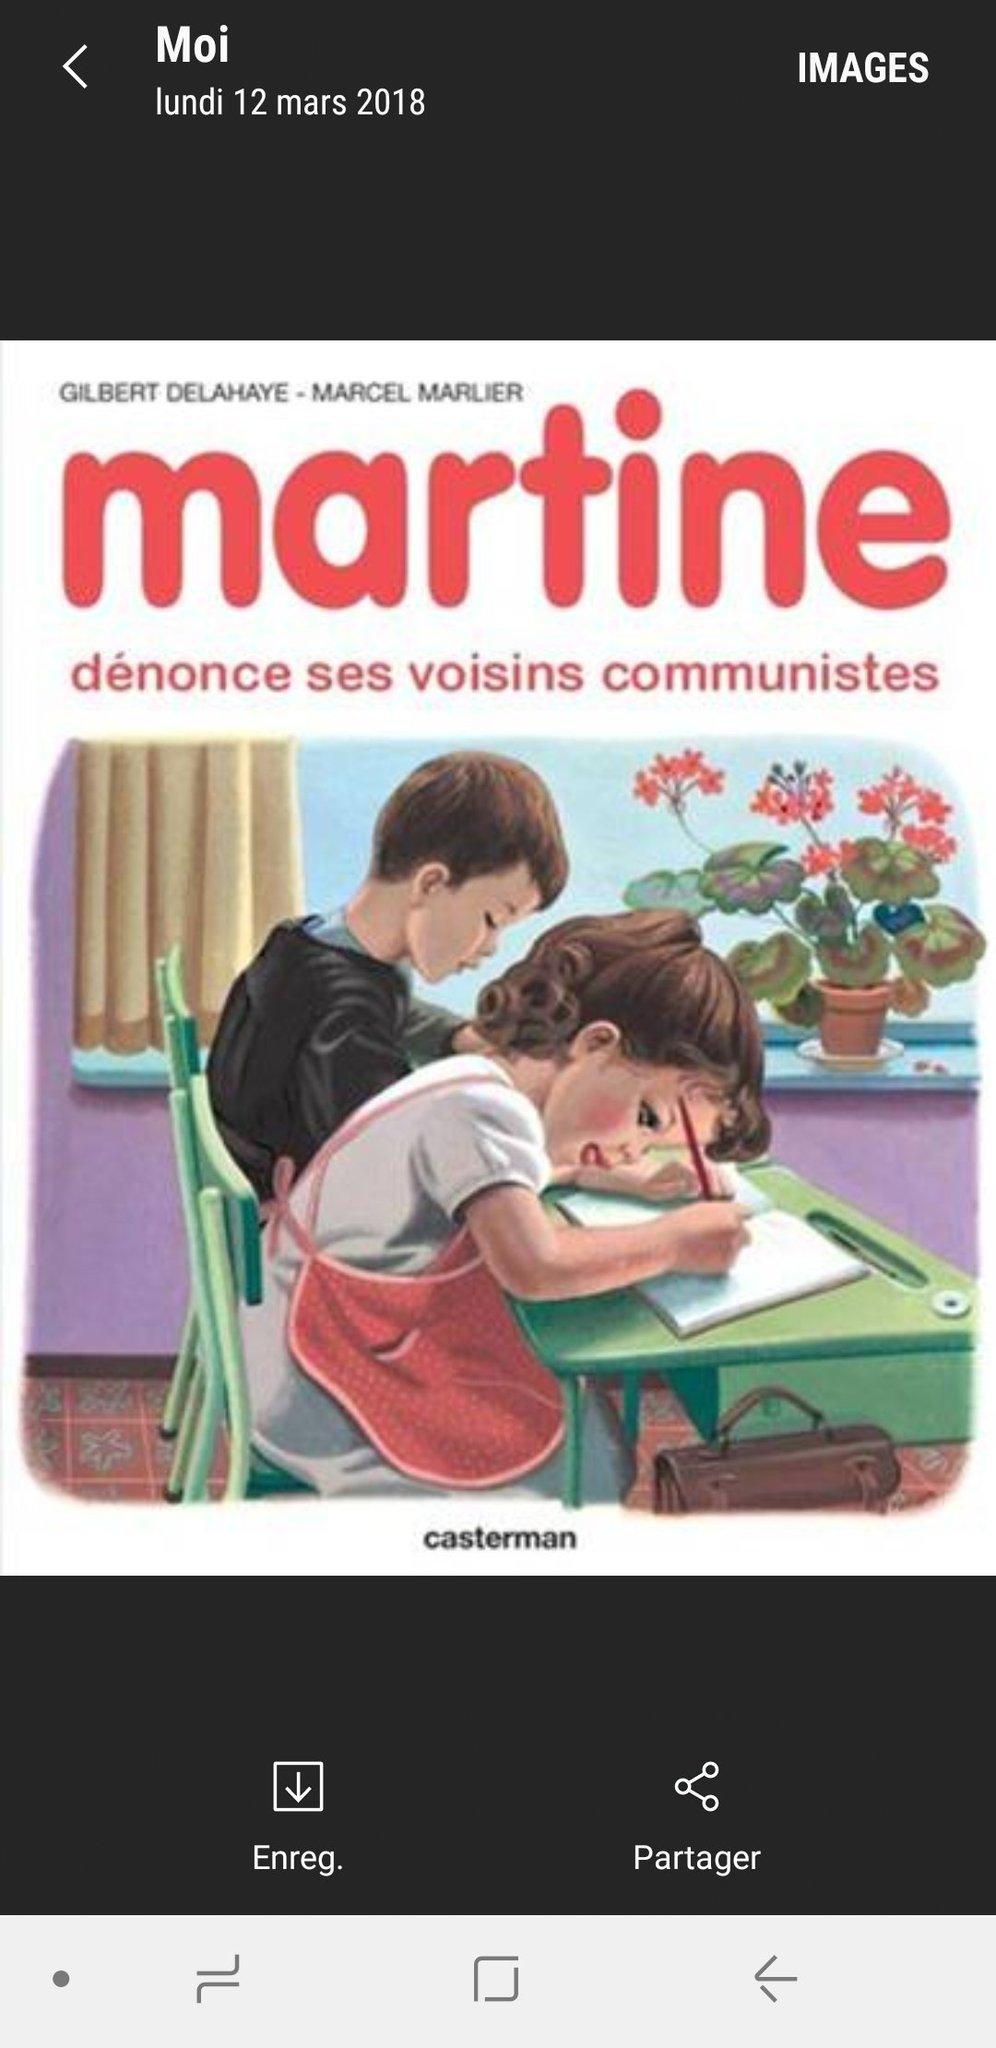 Belle mentalité Martine ! - meme